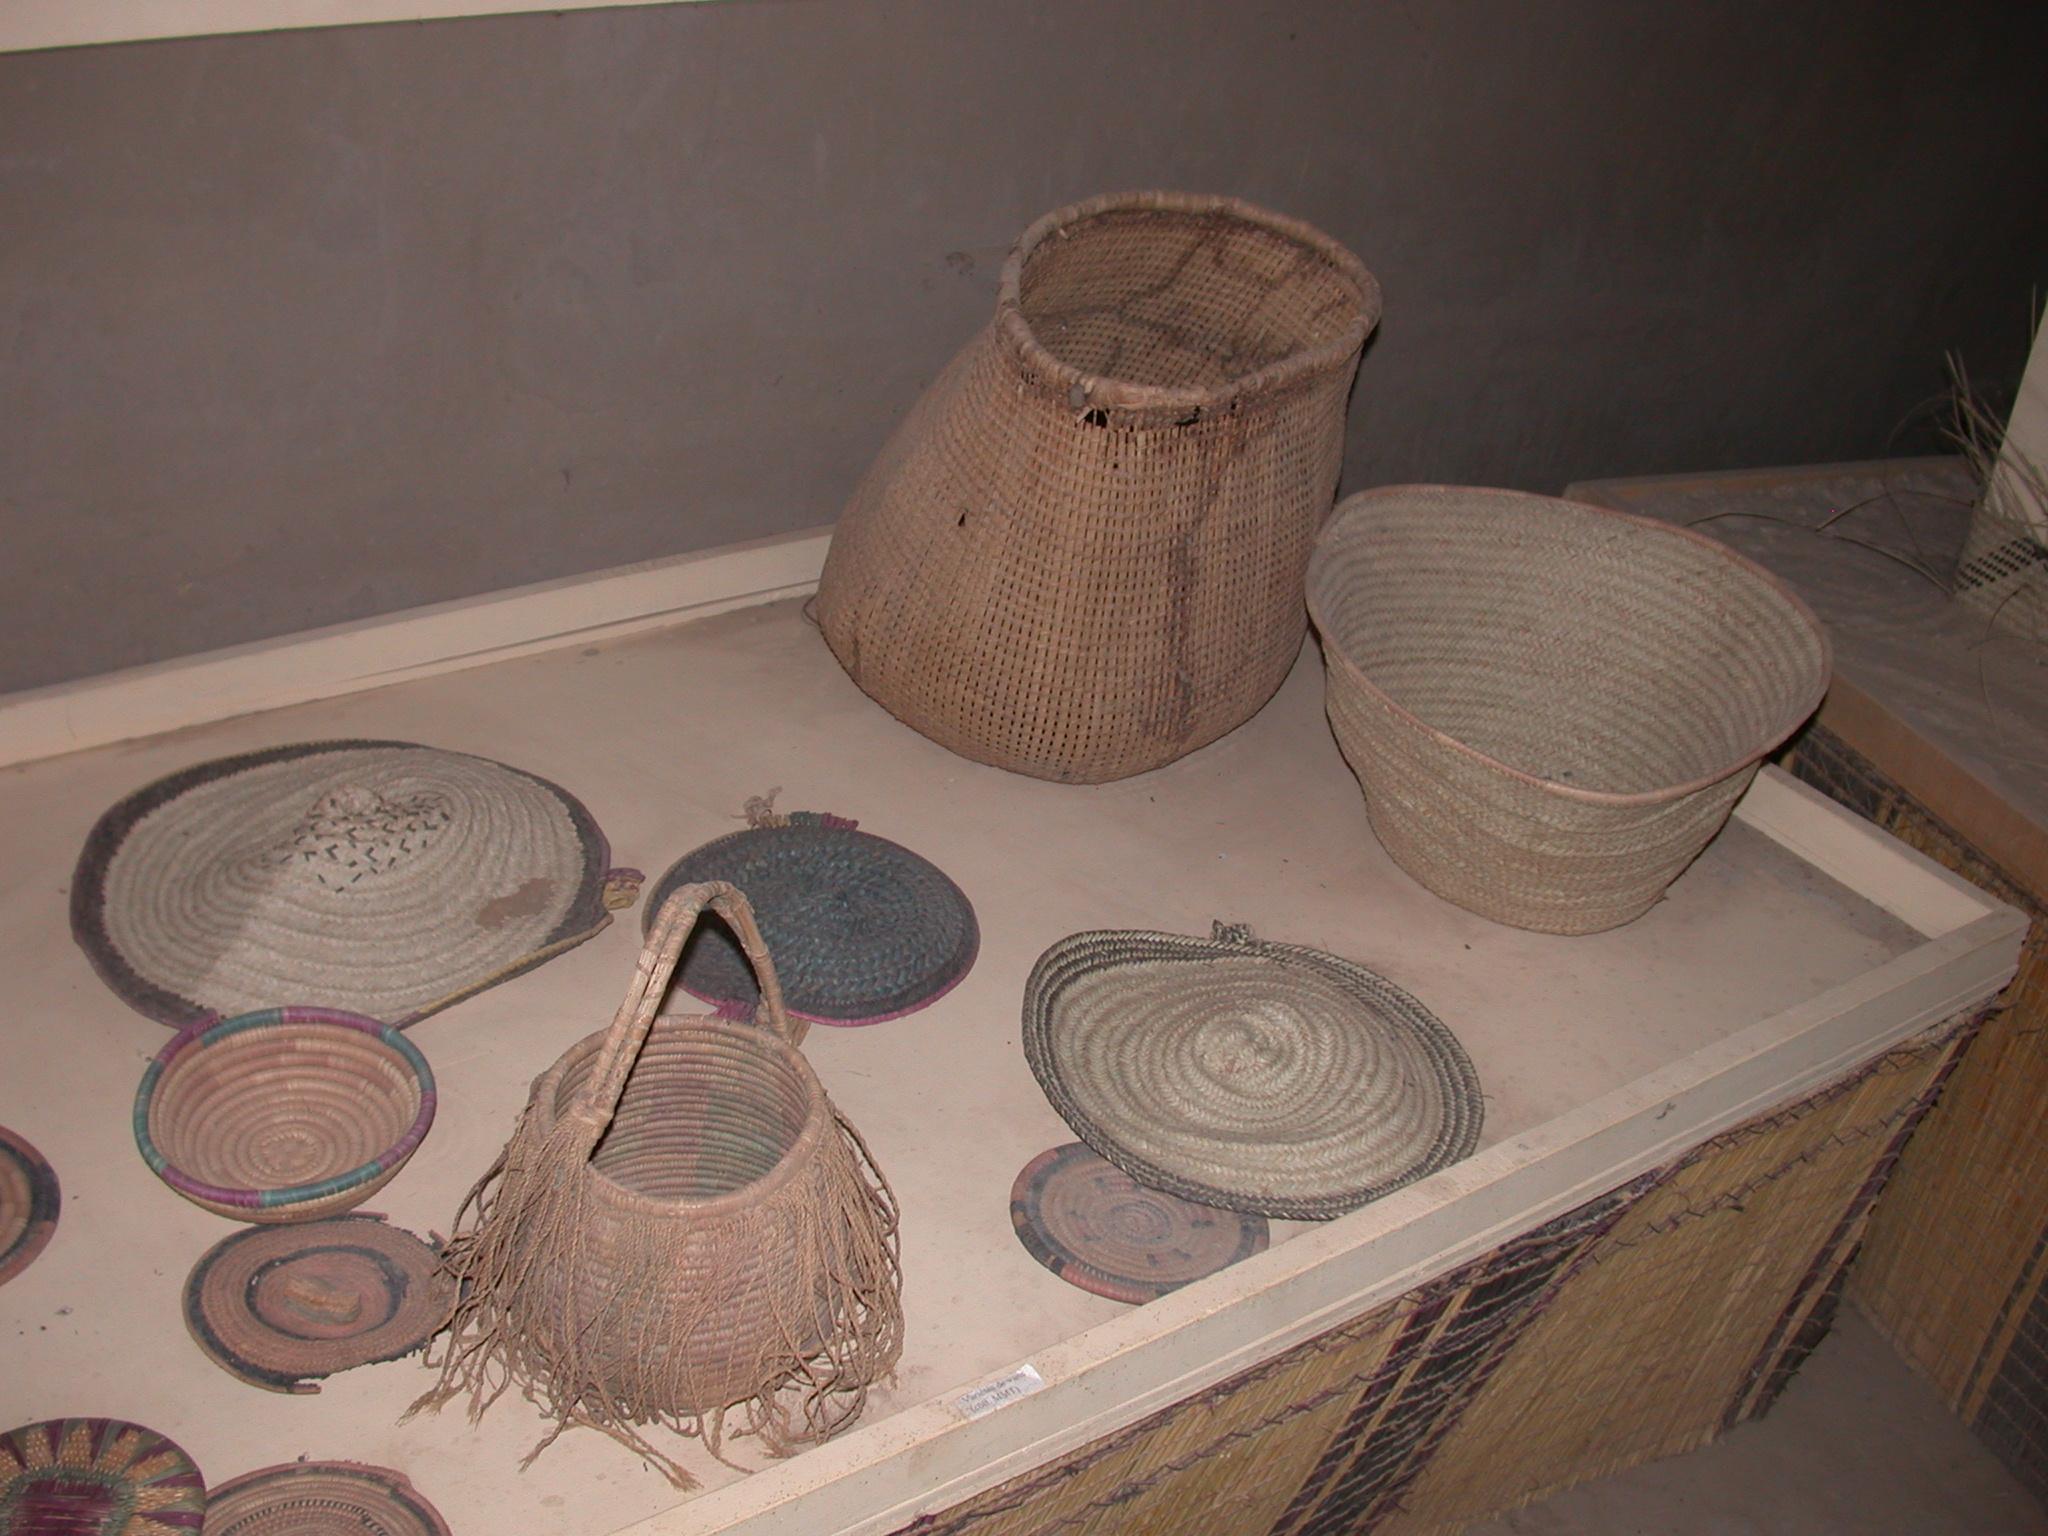 Basketweaving, Timbuktu Ethnological Museum, Timbuktu, Mali